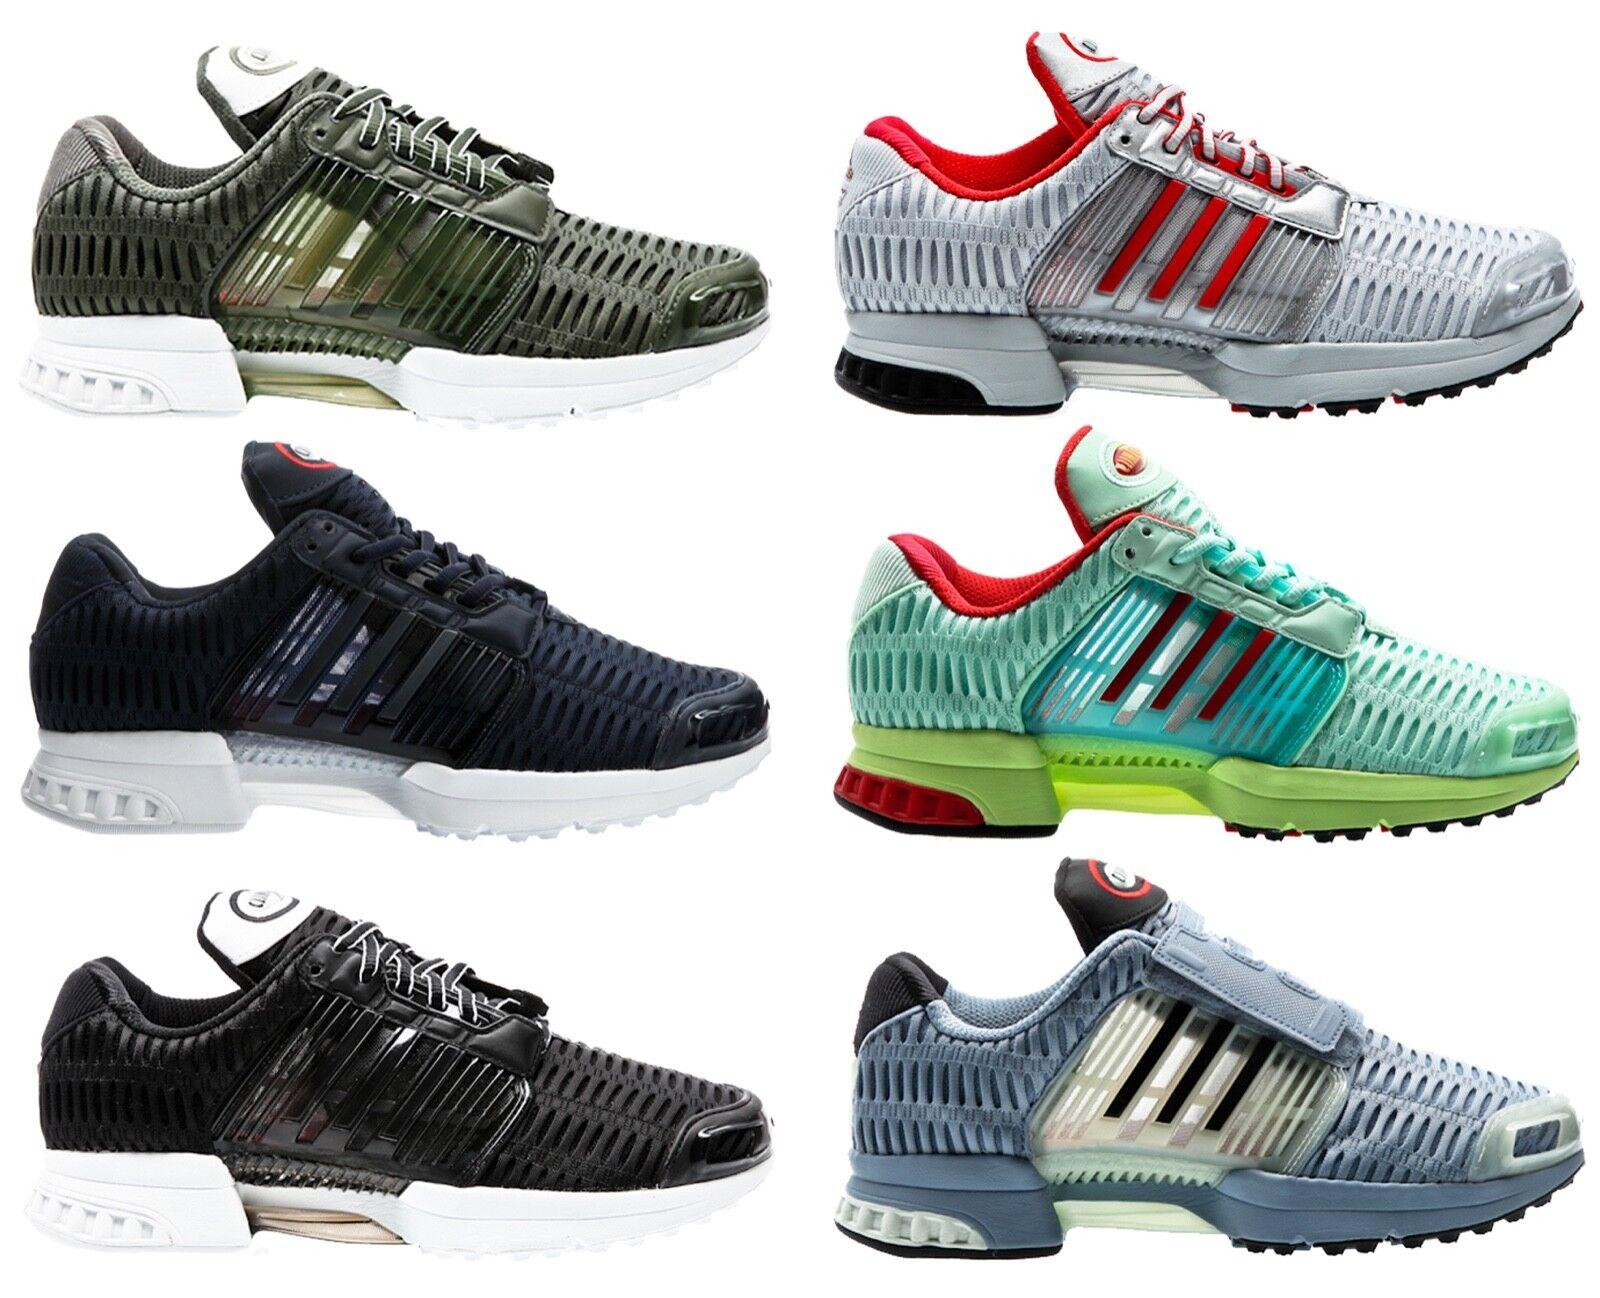 Adidas Originals Climacool 1 Runnings Men Turnschuhe Herren Schuhe schuhe    | Offizielle